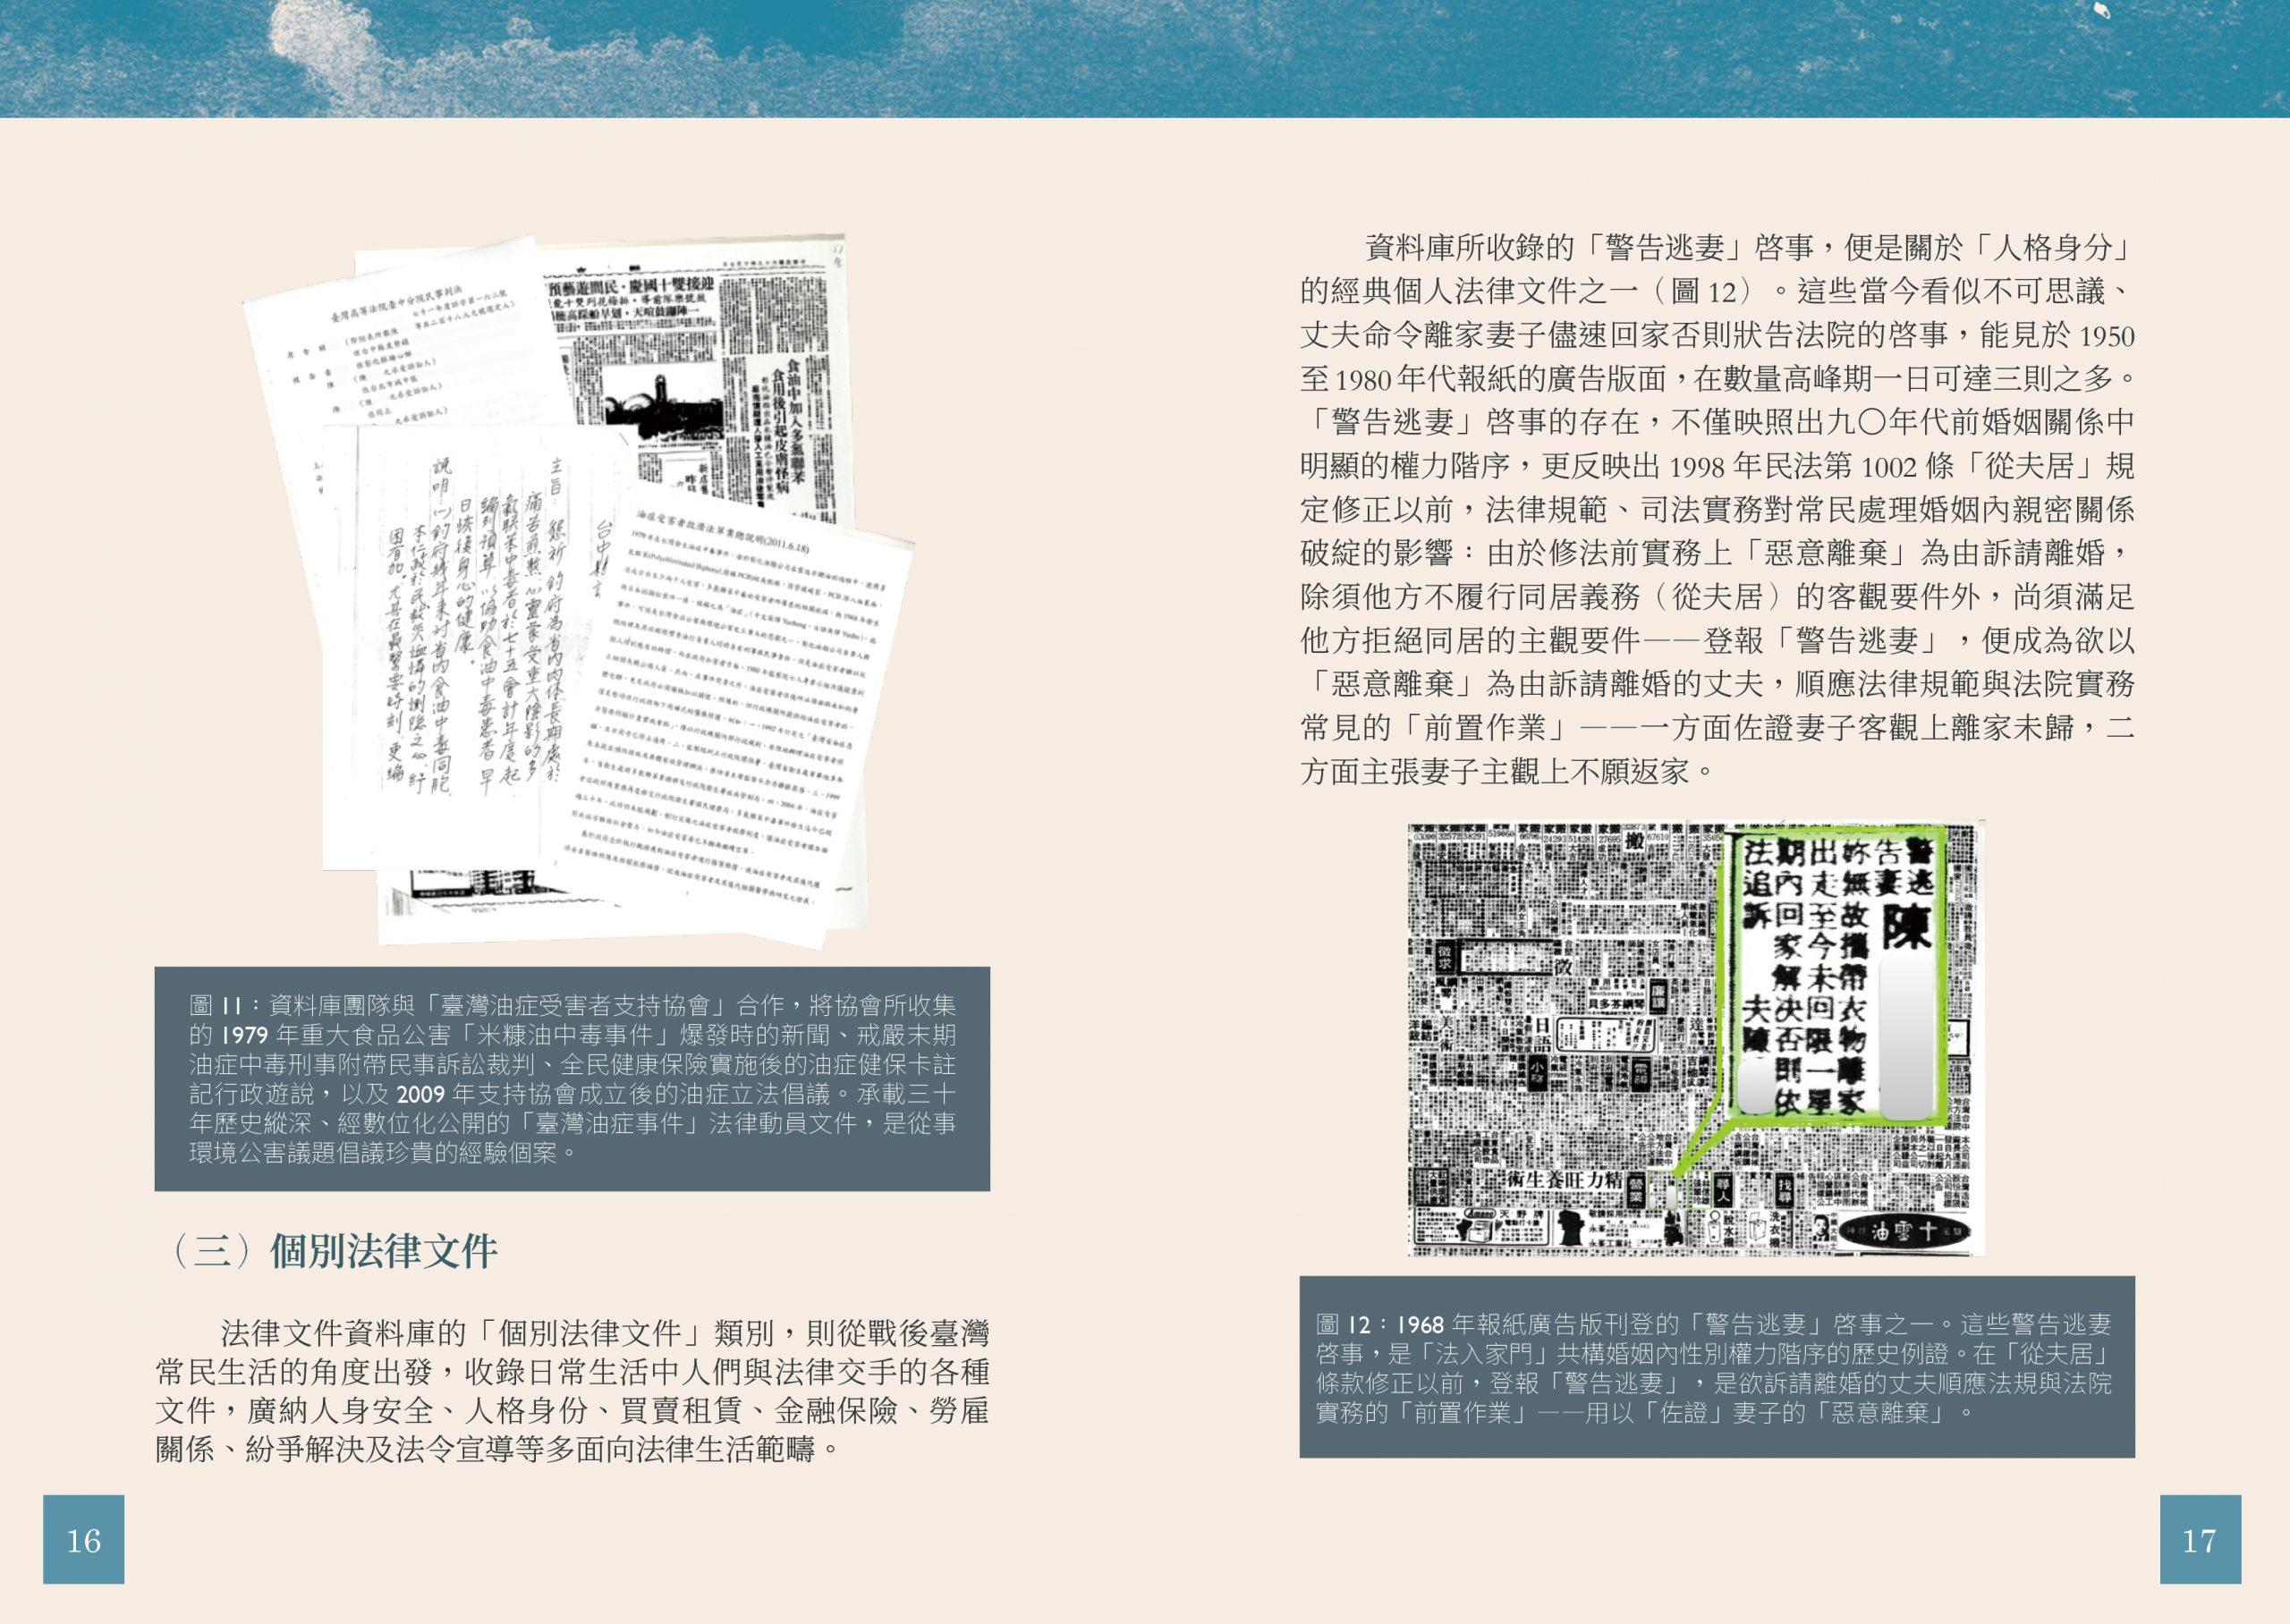 台灣法實證資料庫介紹手冊內文_1001-29